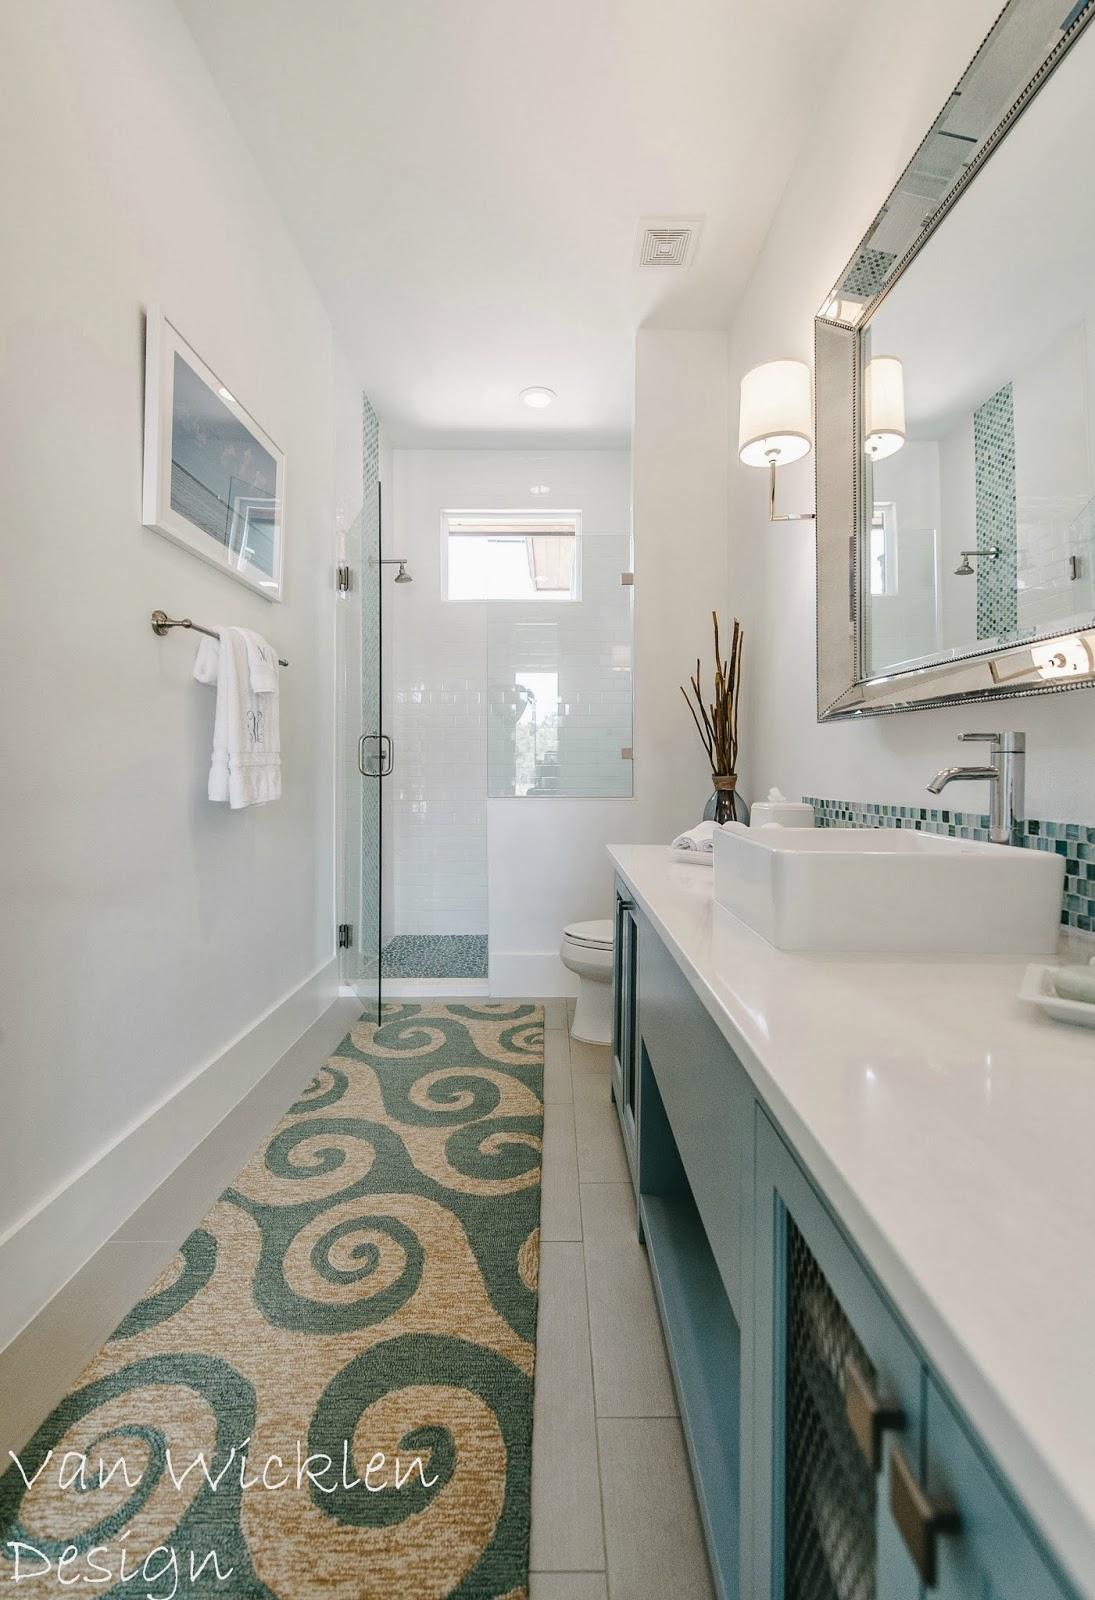 jvw home: Patterson Project, Part 5 (Guest Room & Guest/Pool Bath)